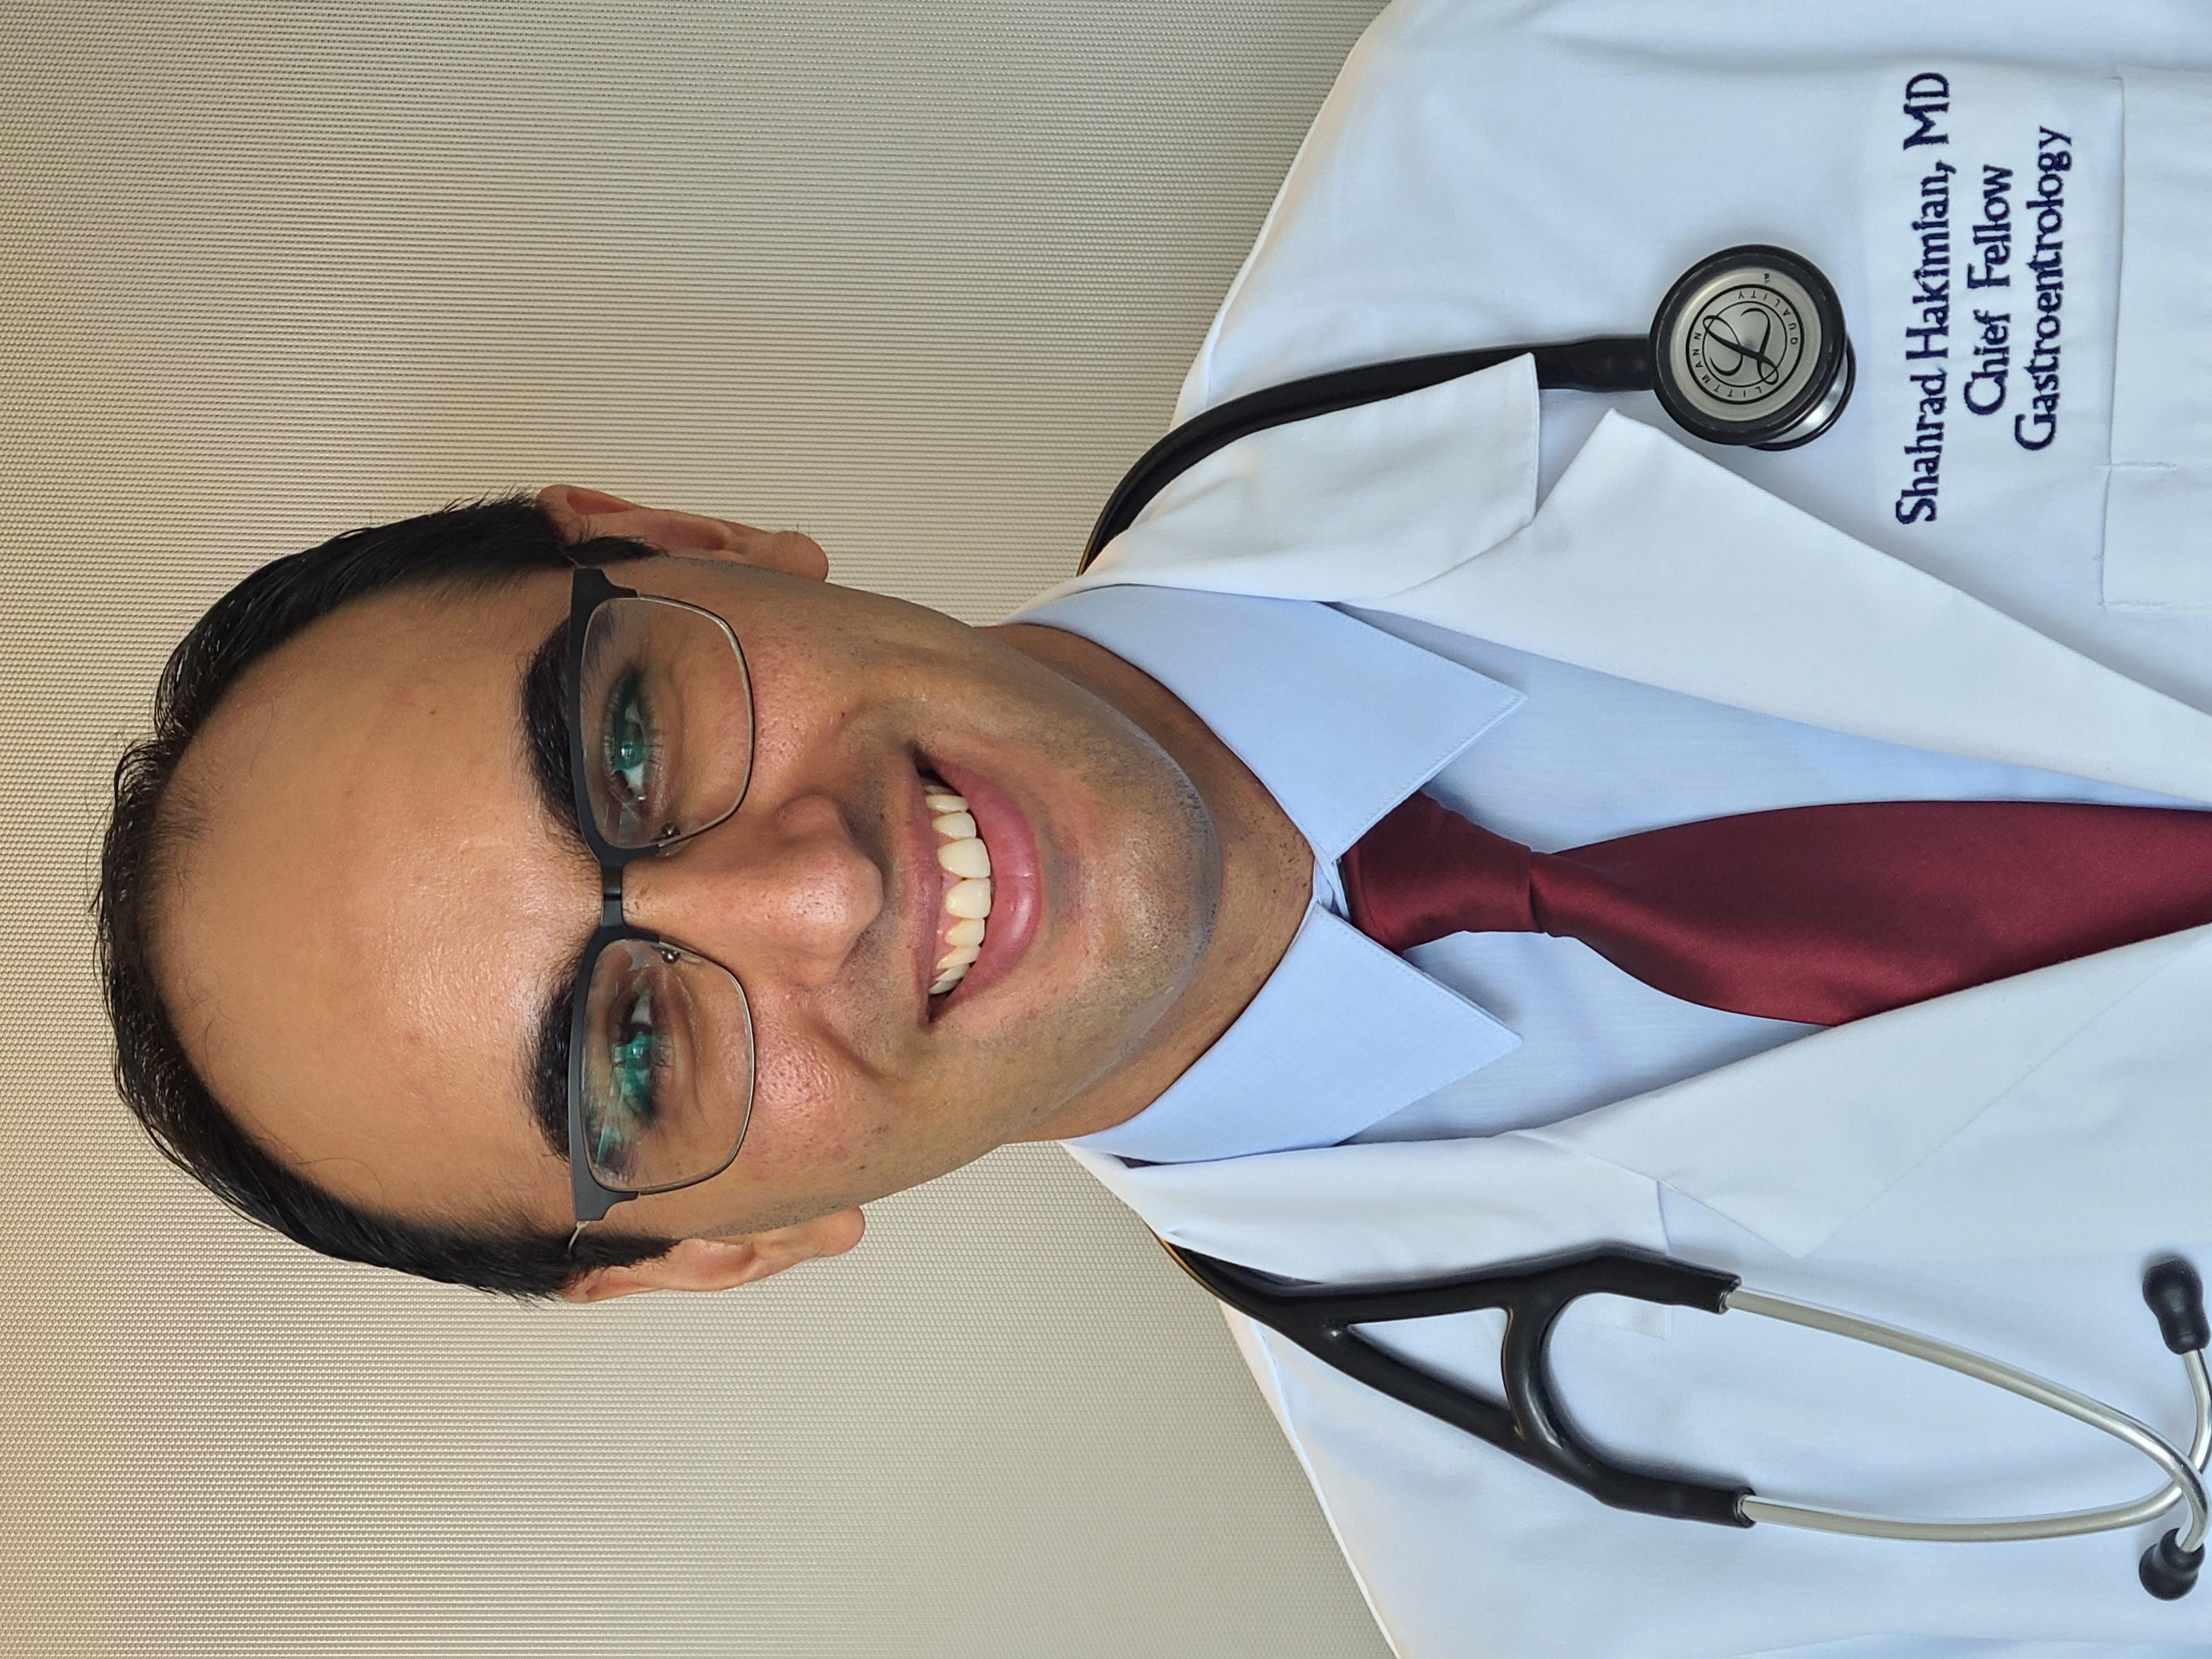 Shahrad Hakimian, MD